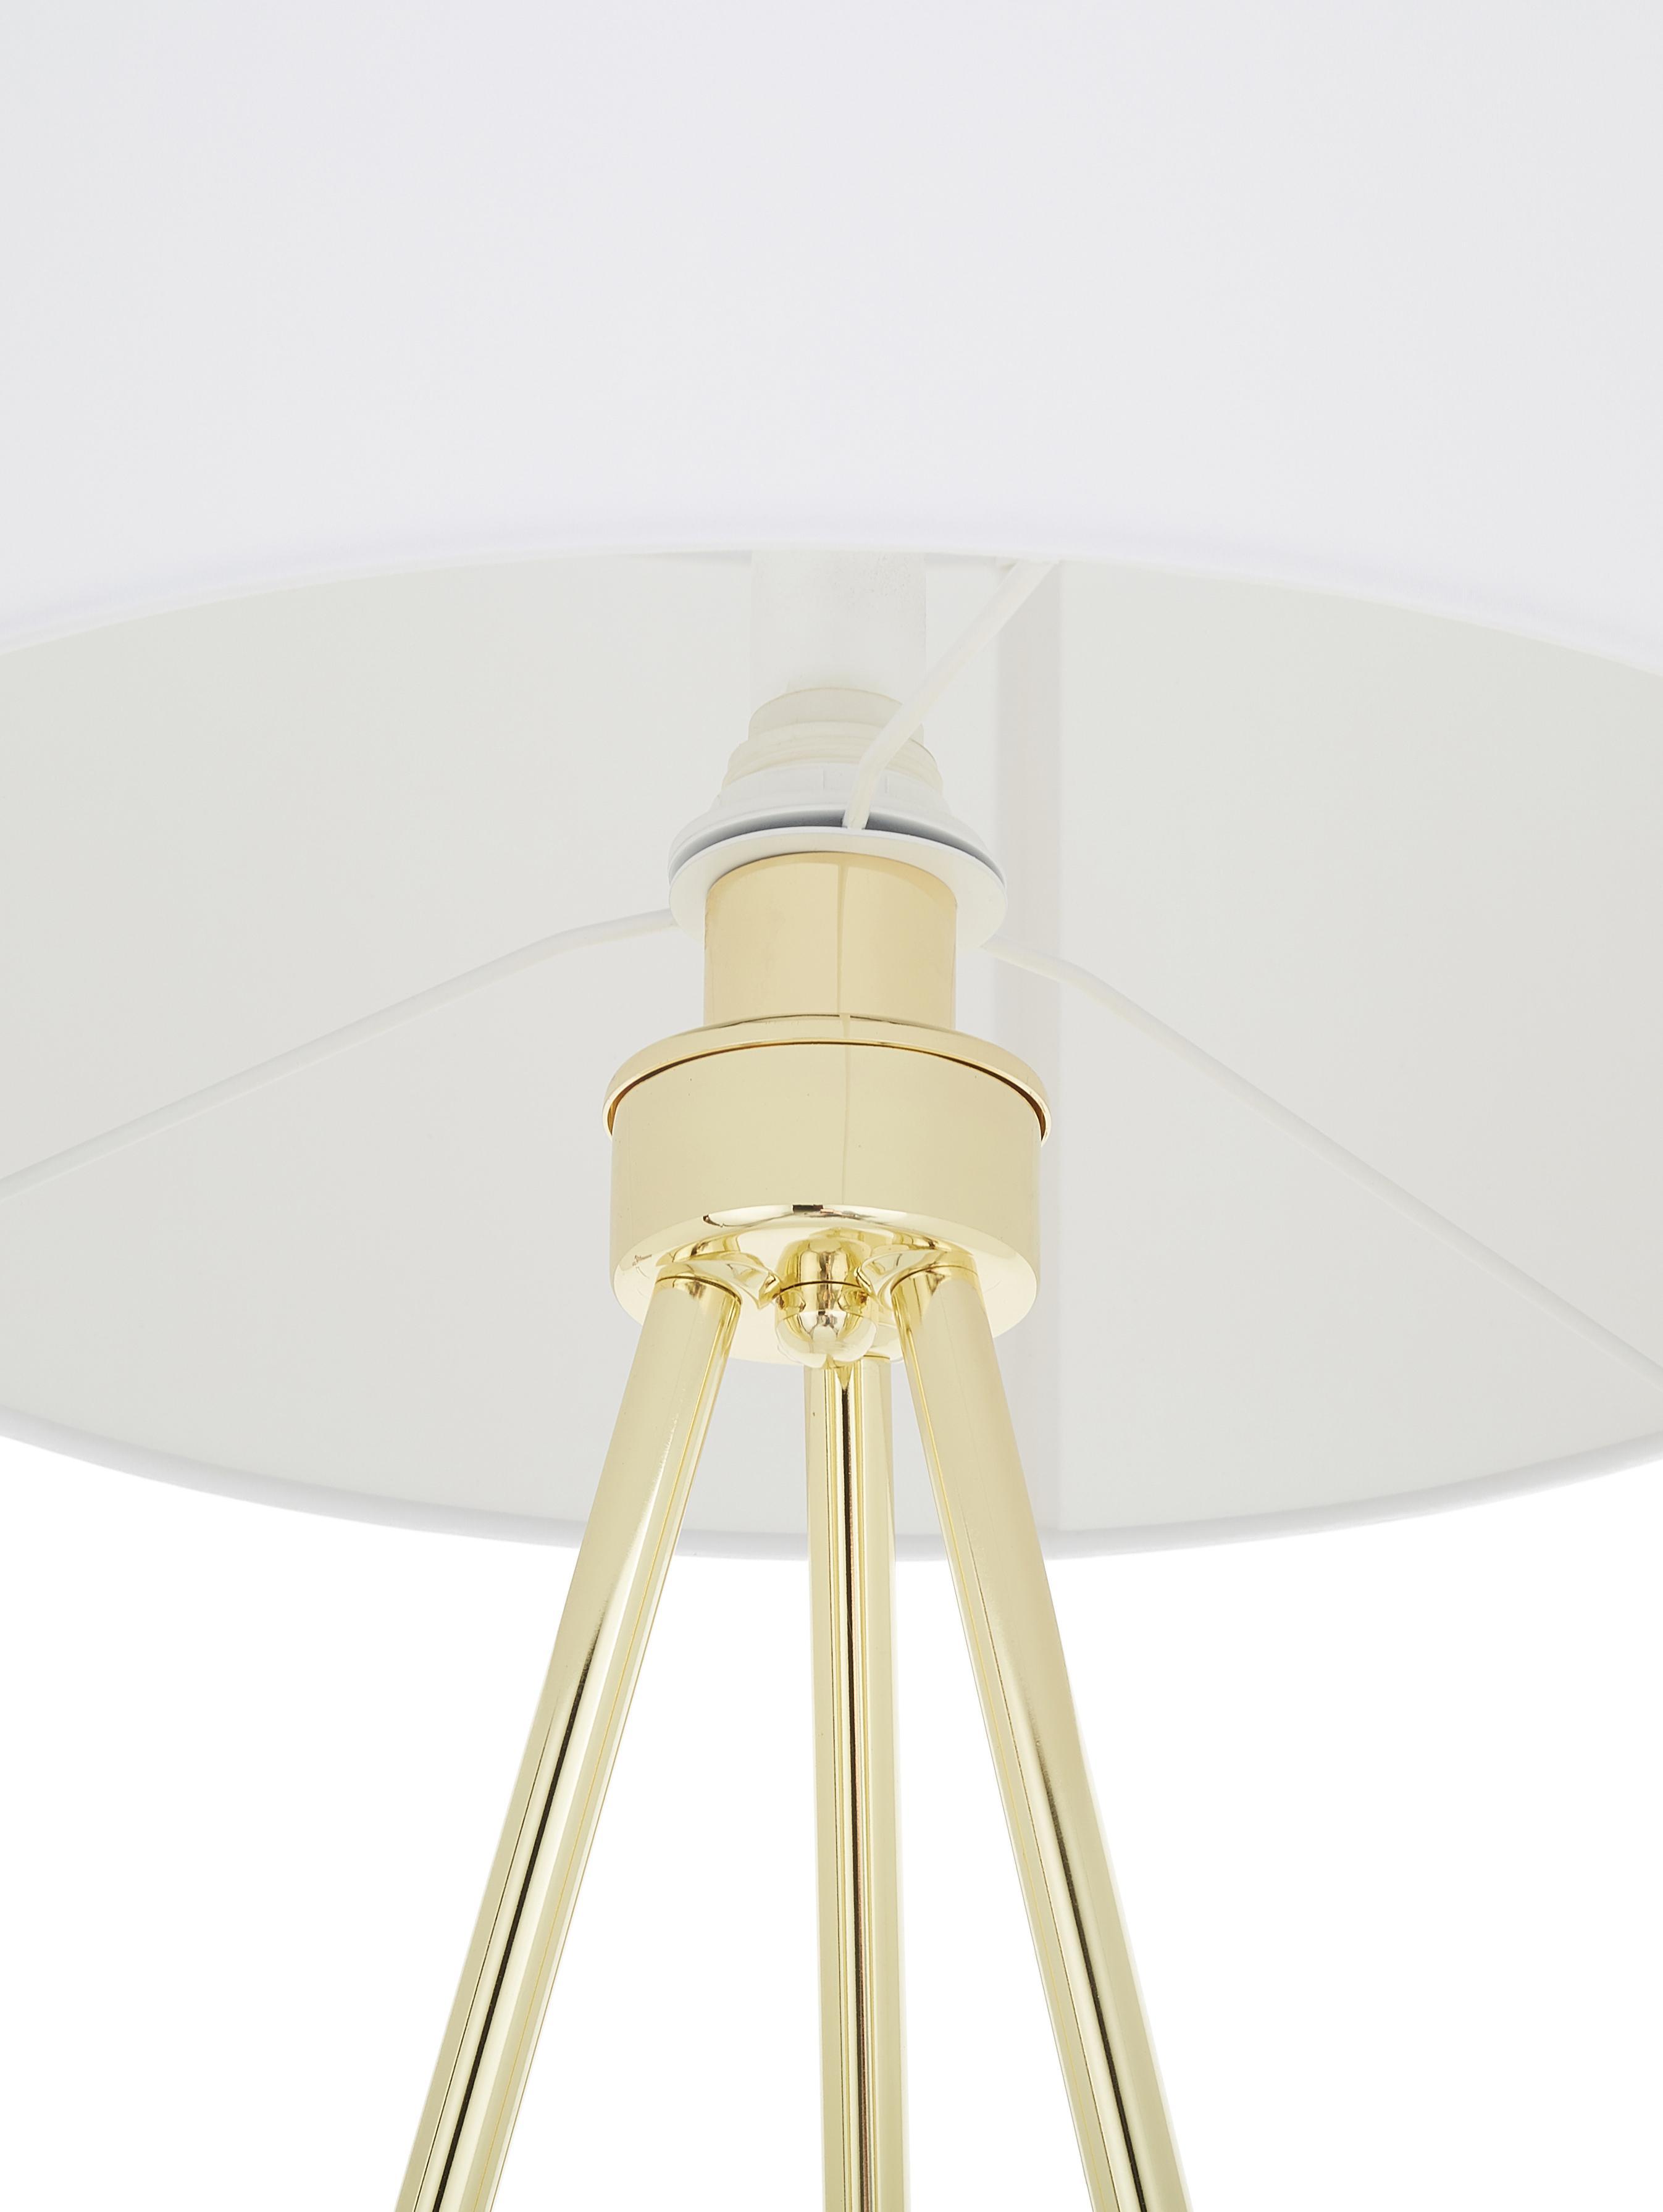 Tripod Stehlampe Cella mit Stoffschirm, Lampenschirm: Baumwollgeschmisch, Lampenfuss: Goldfarben, glänzendLampenschirm: Weiss, Ø 48 x H 158 cm